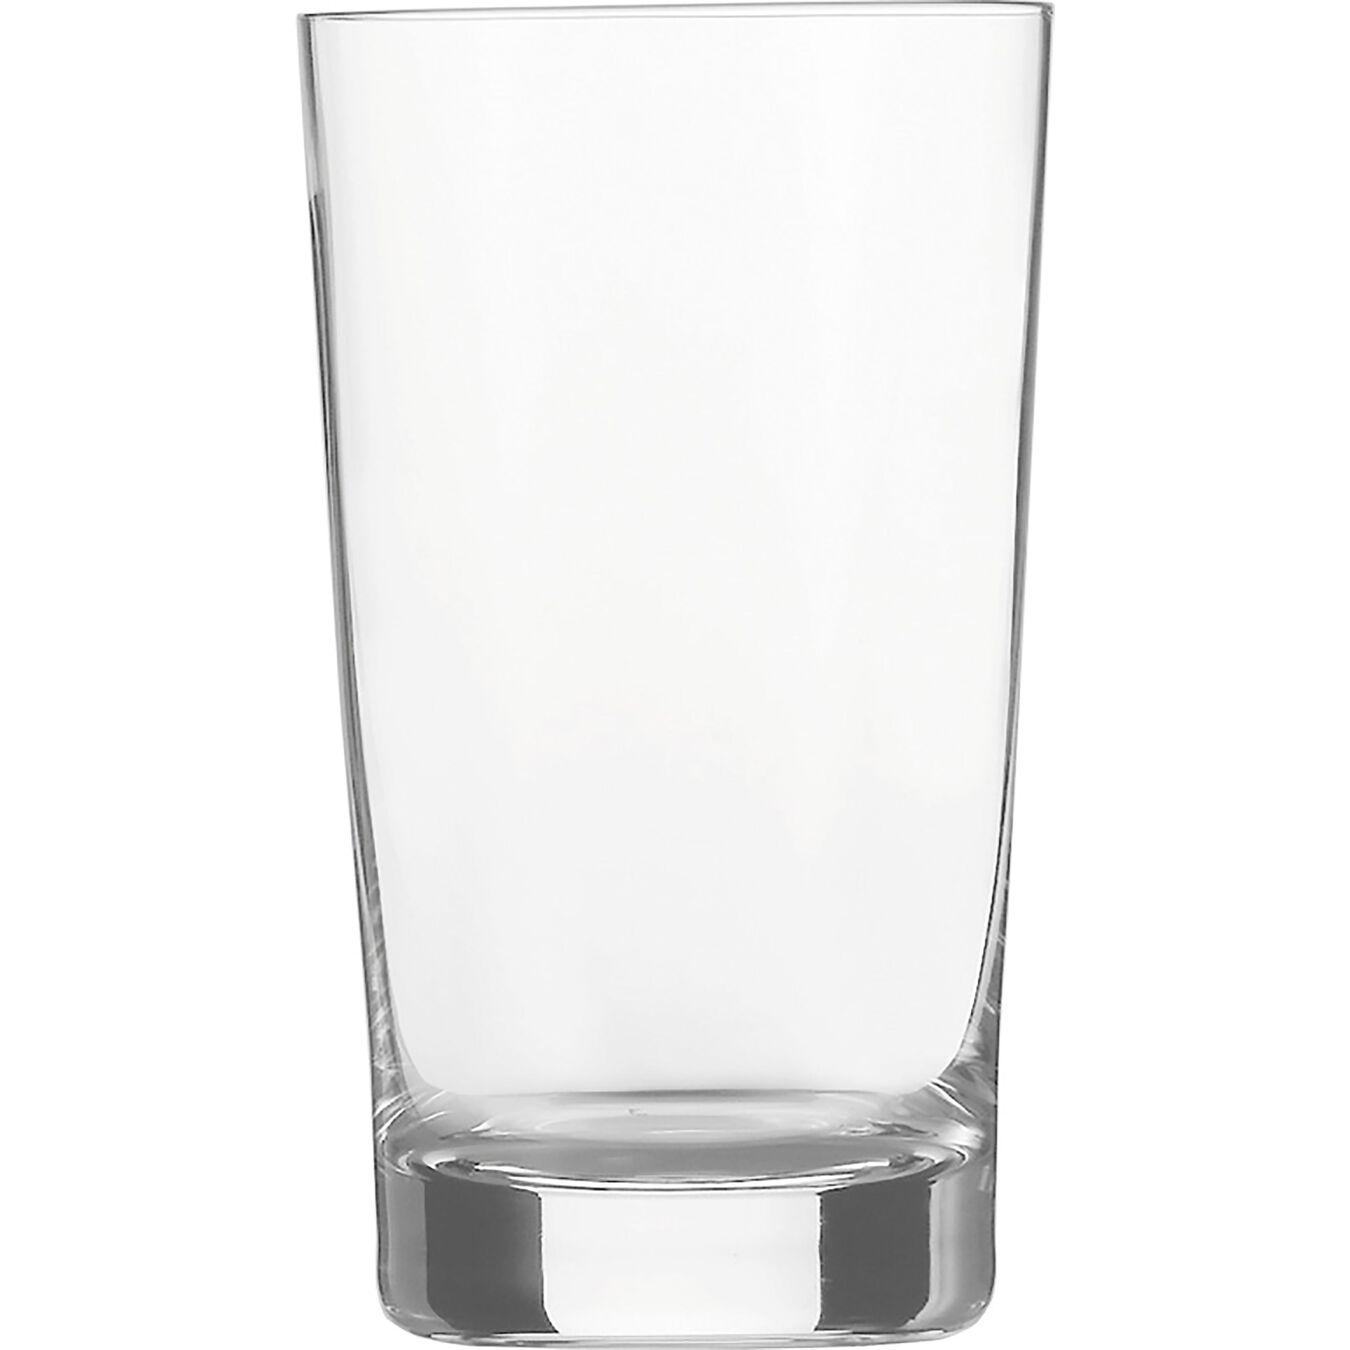 Su Bardağı | 330 ml,,large 1